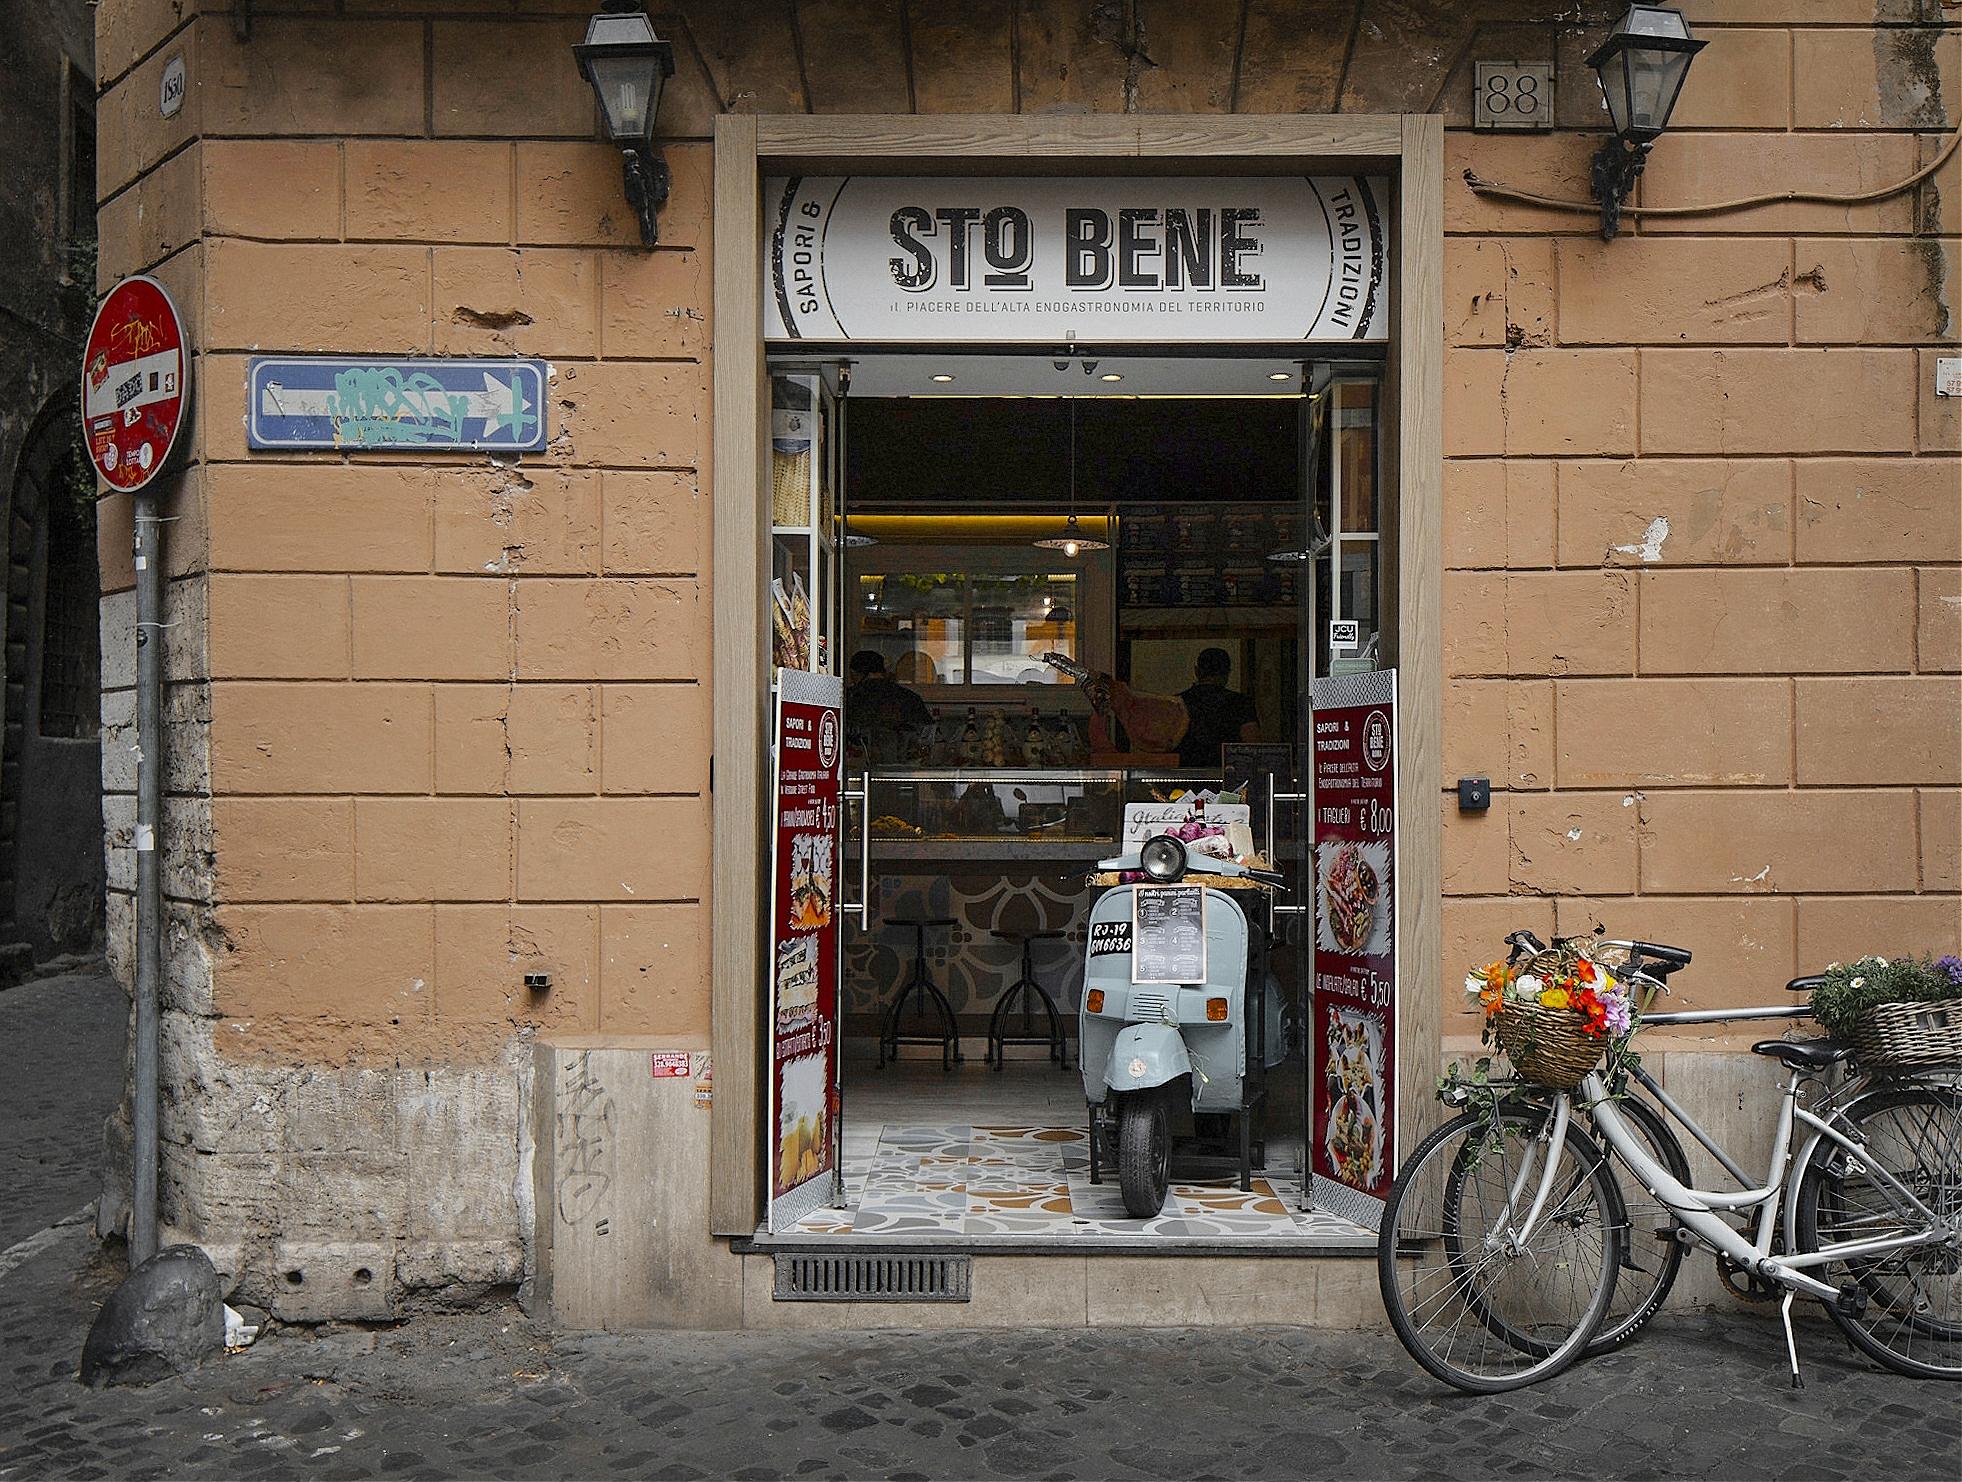 Sto Bene (Sandwich shop) near Campo dei Fiori, Rome